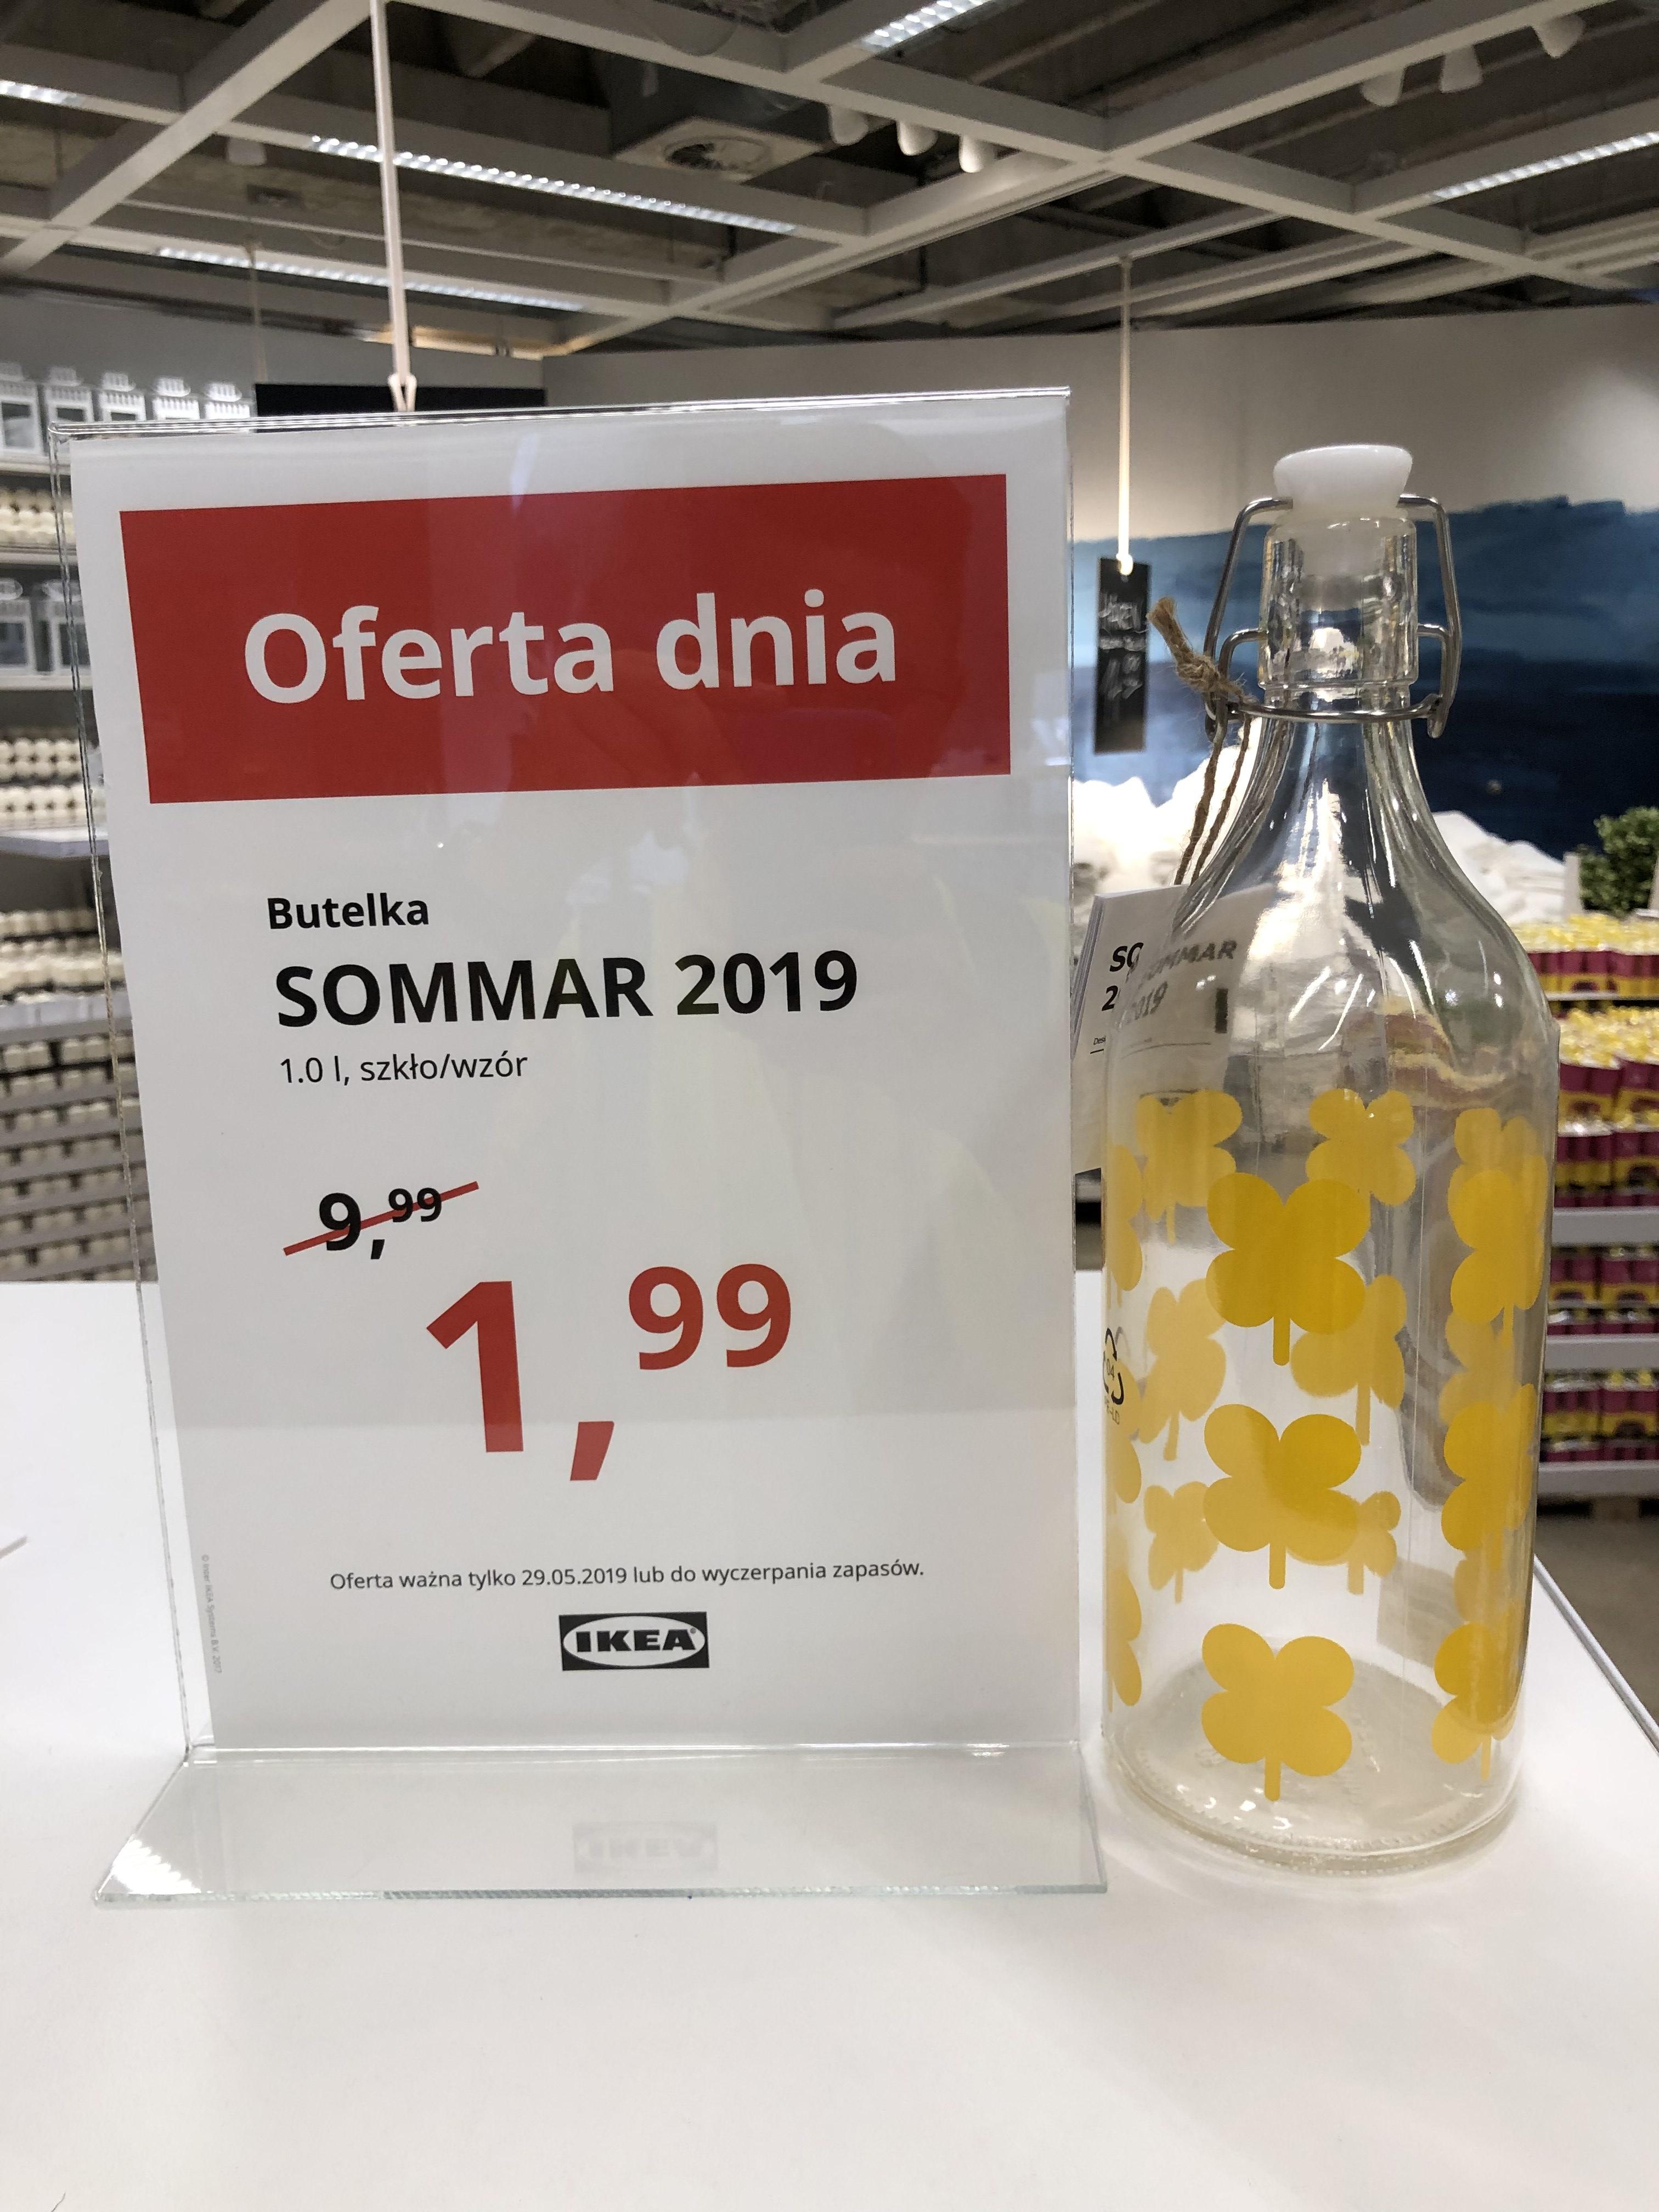 Butelka Sommar 2019 IKEA GDAŃSK